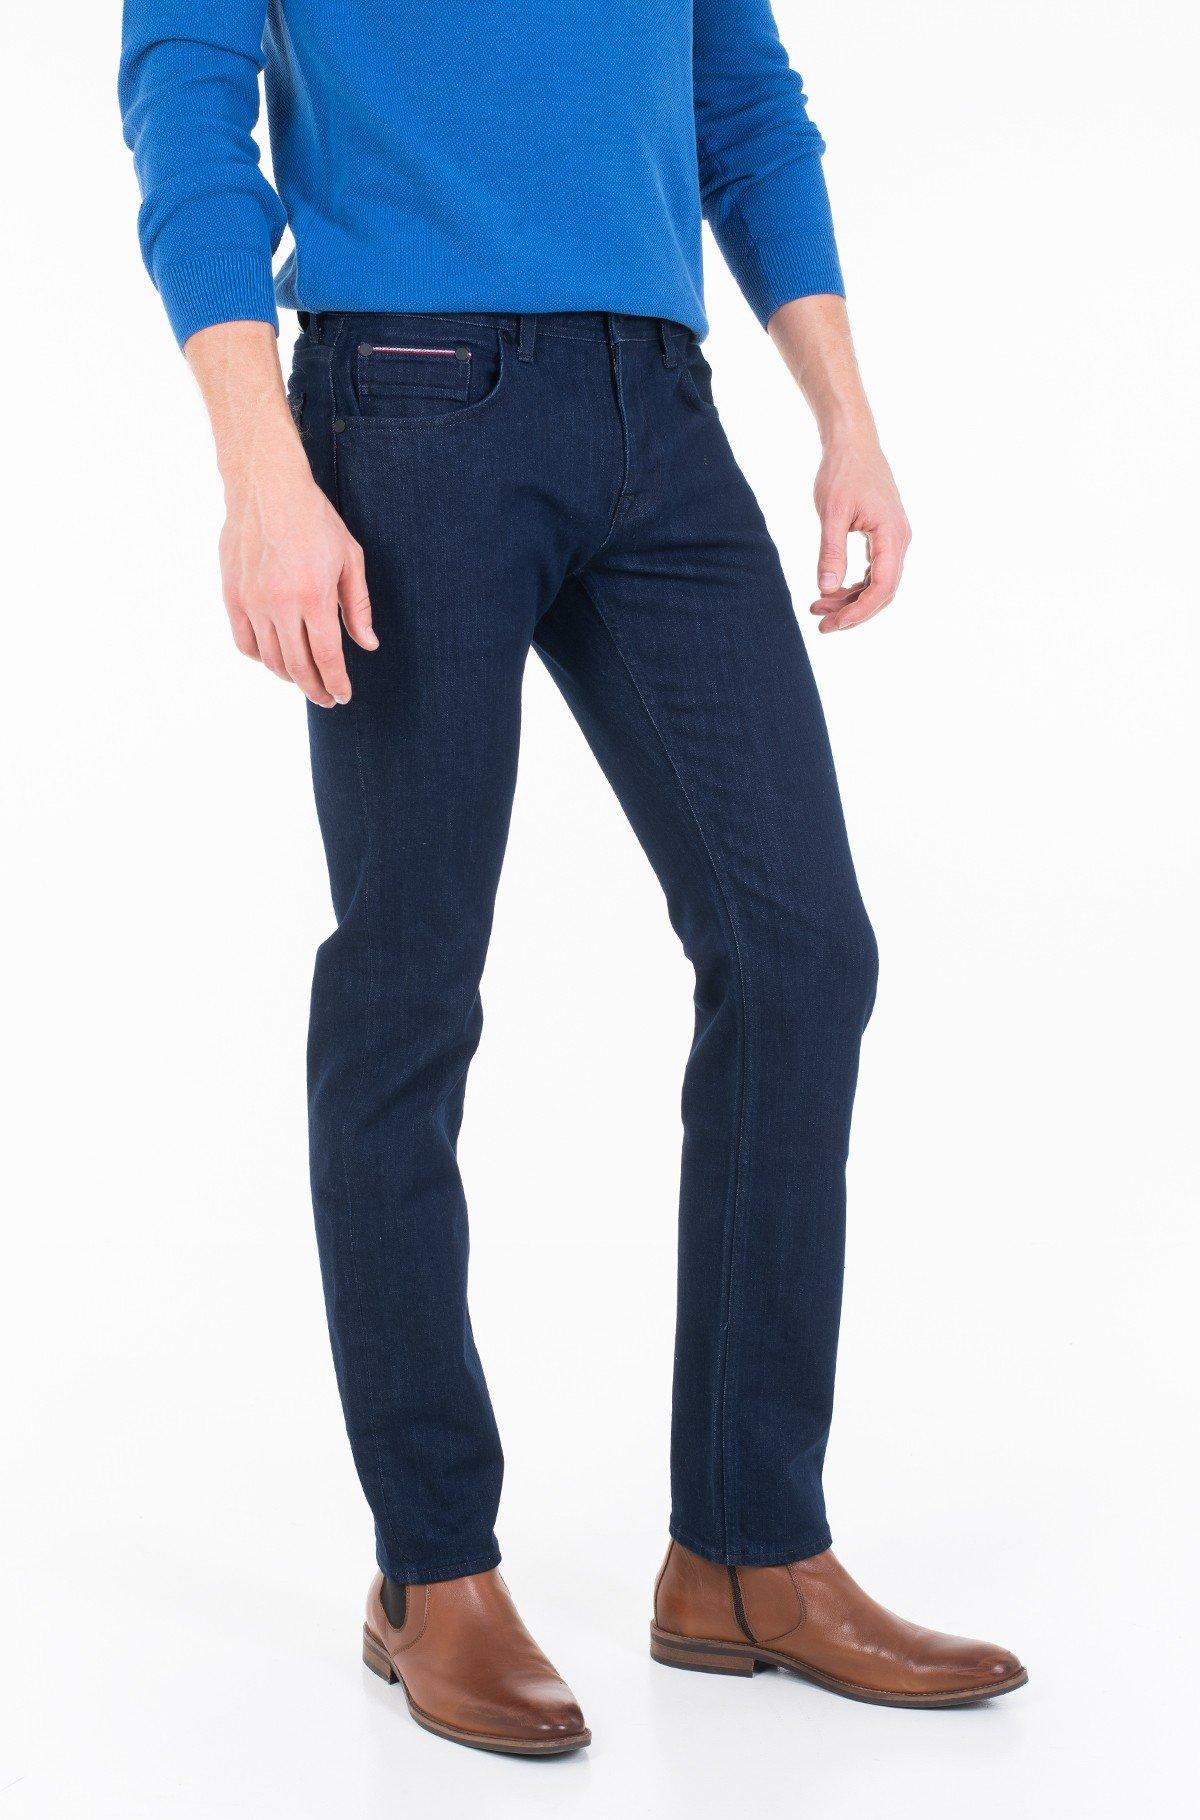 Jeans STRAIGHT DENTON TSTR NOVATO BLUE-full-1